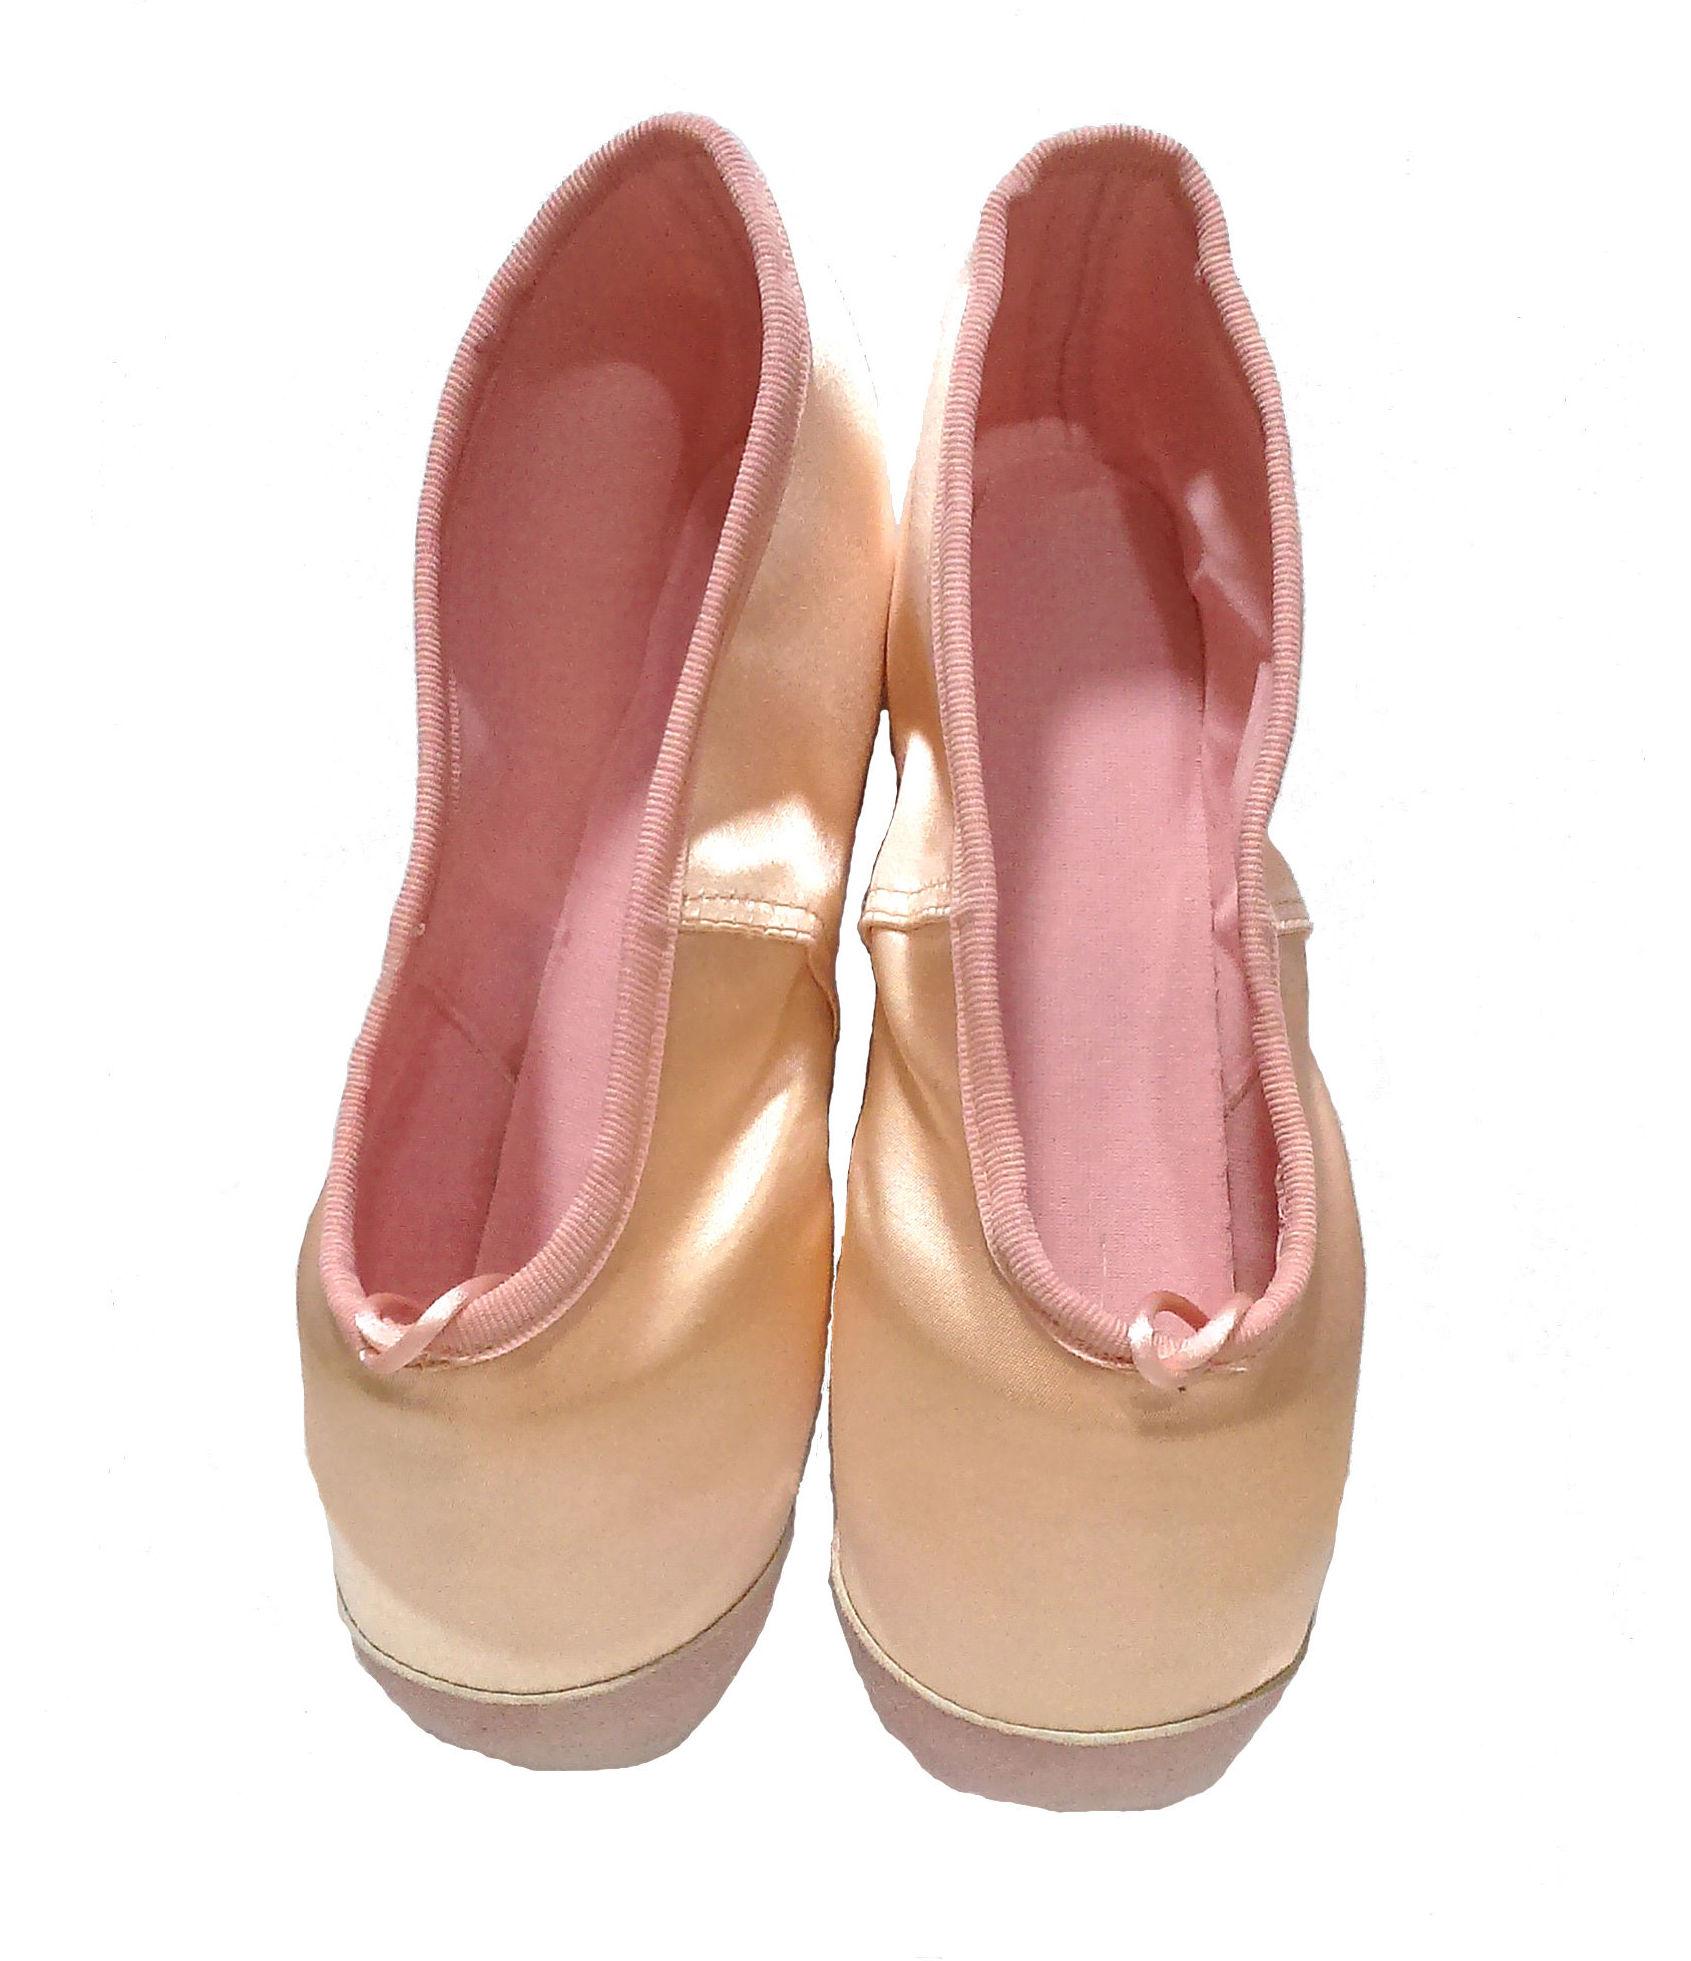 Puntas de ballet con refuerzo delantero